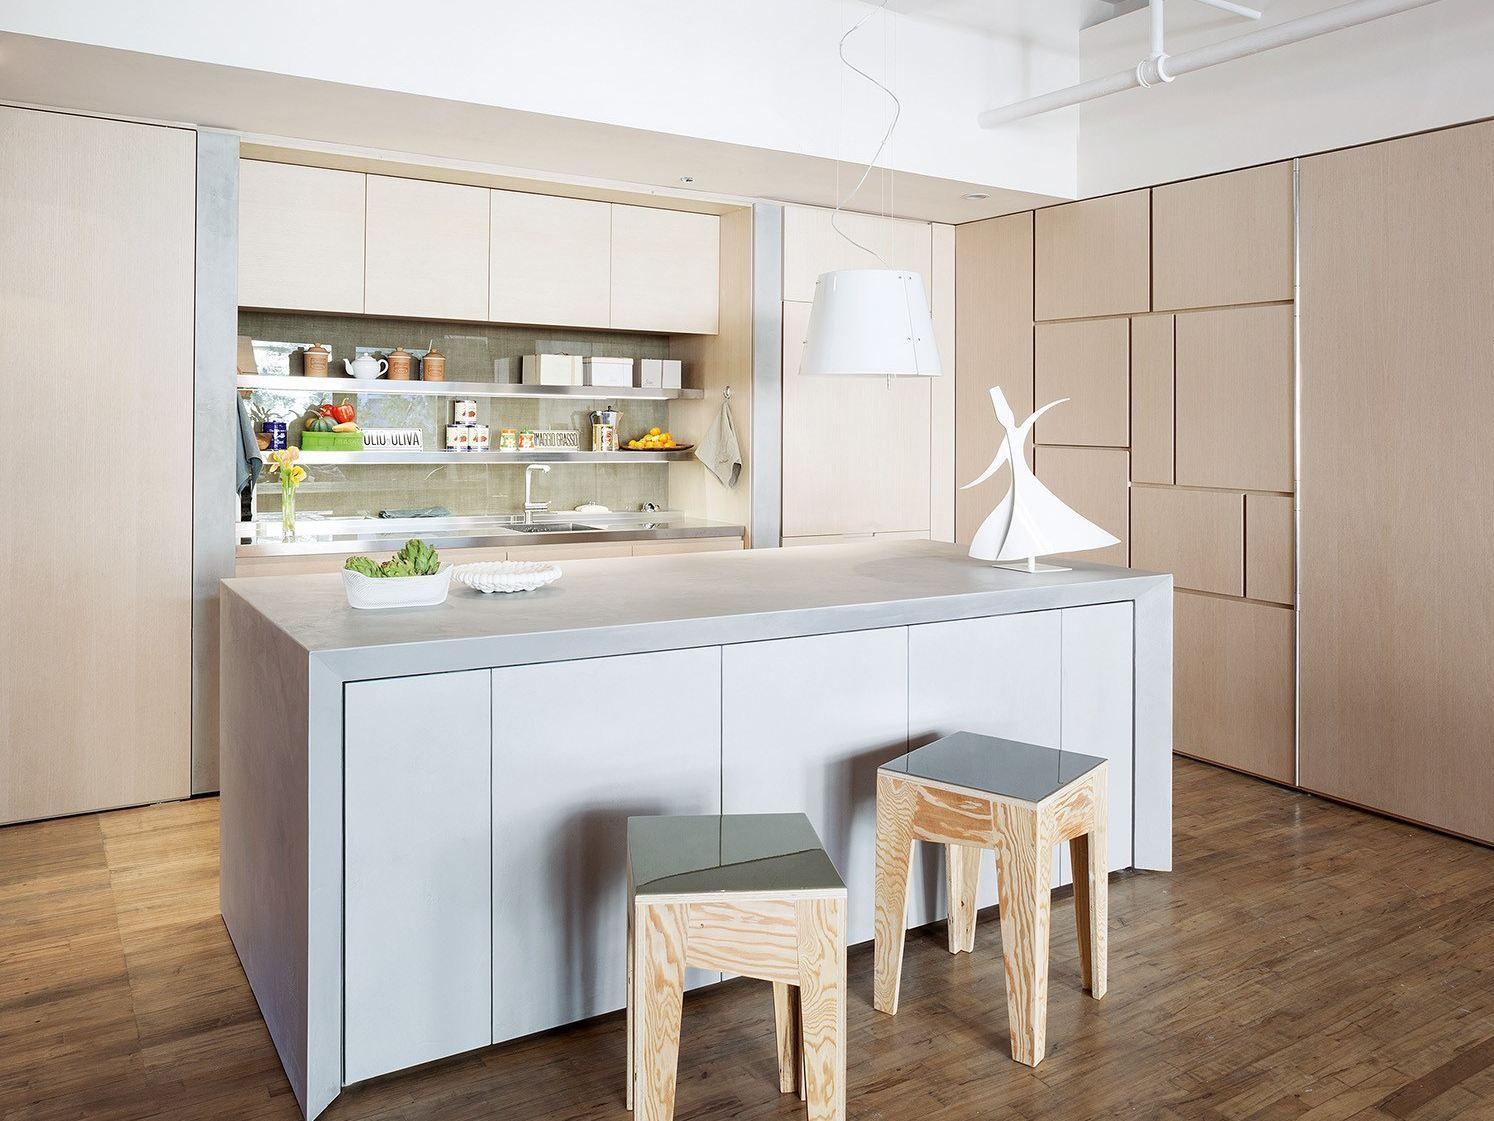 T45 evo cucina in legno by tm italia cucine for Cucine in legno con isola